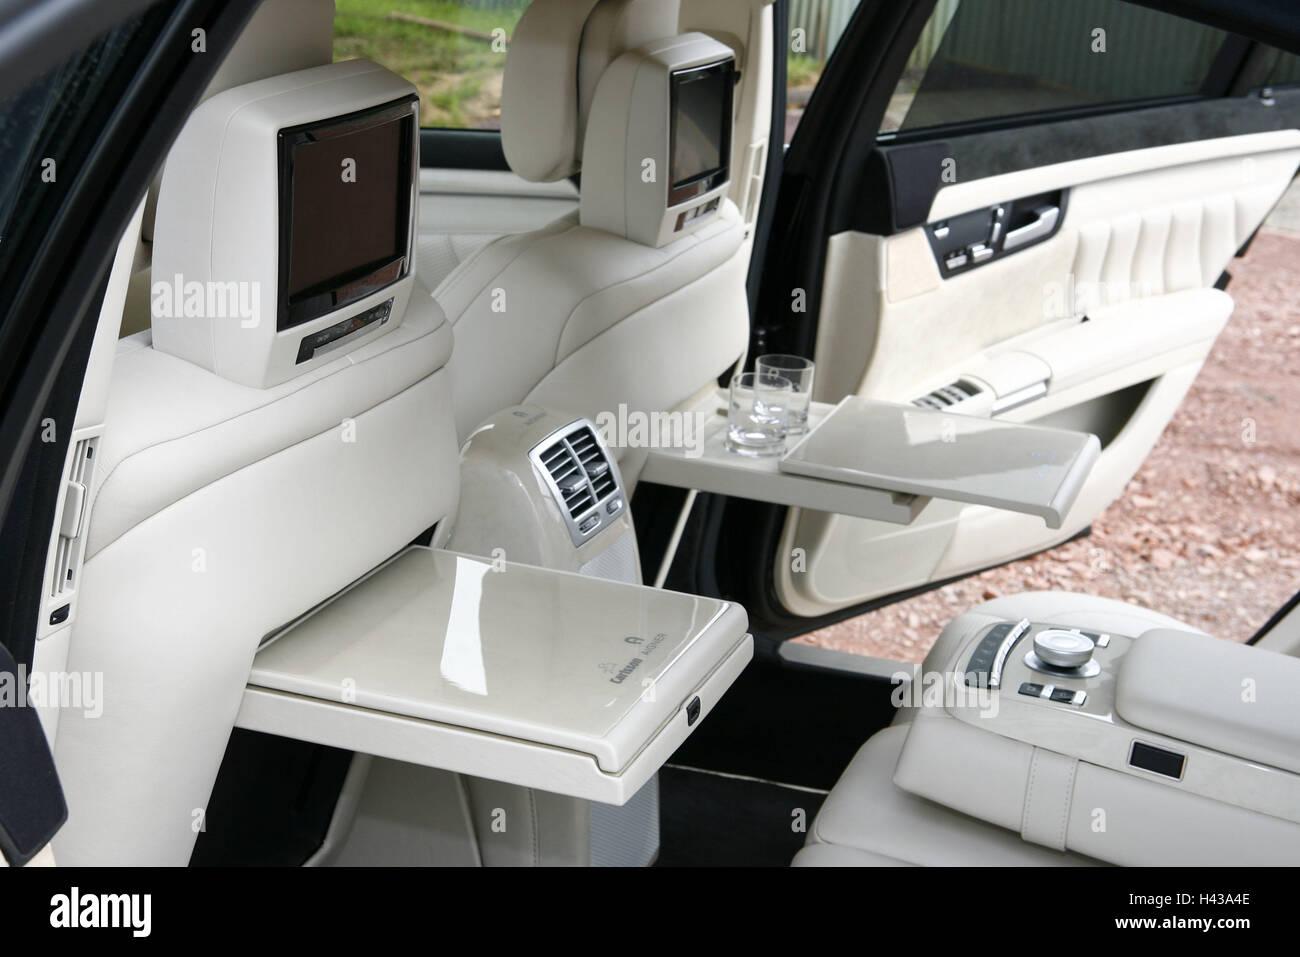 luxus autos carlsson aigner s klasse boden innen fahrzeug auto innenausstattung interieur leder innenausstattung edel exklusiv teuer luxus